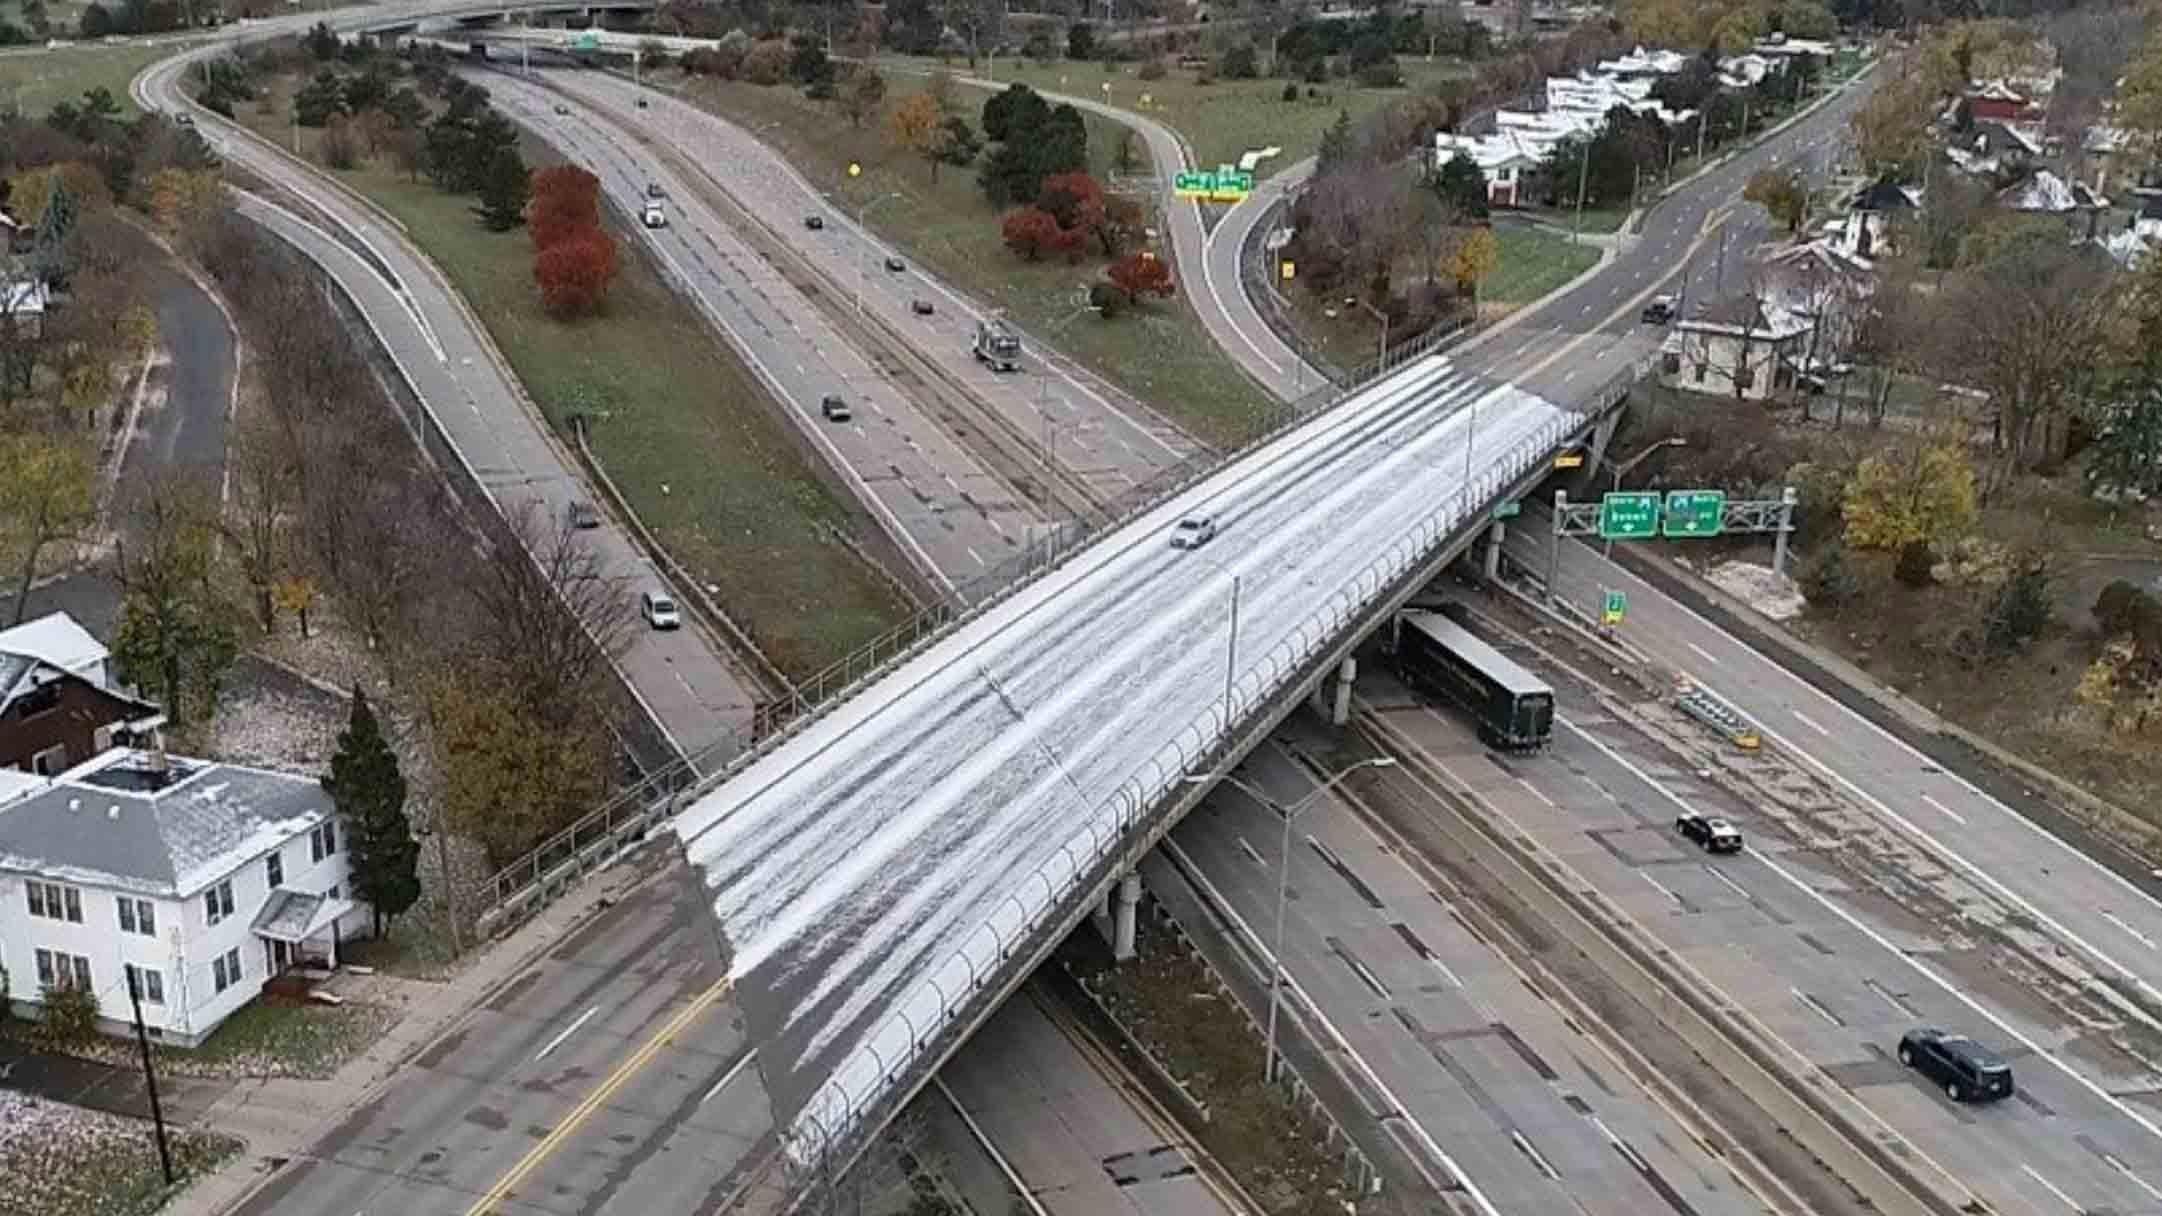 What Makes Icy Bridges So Dangerous?